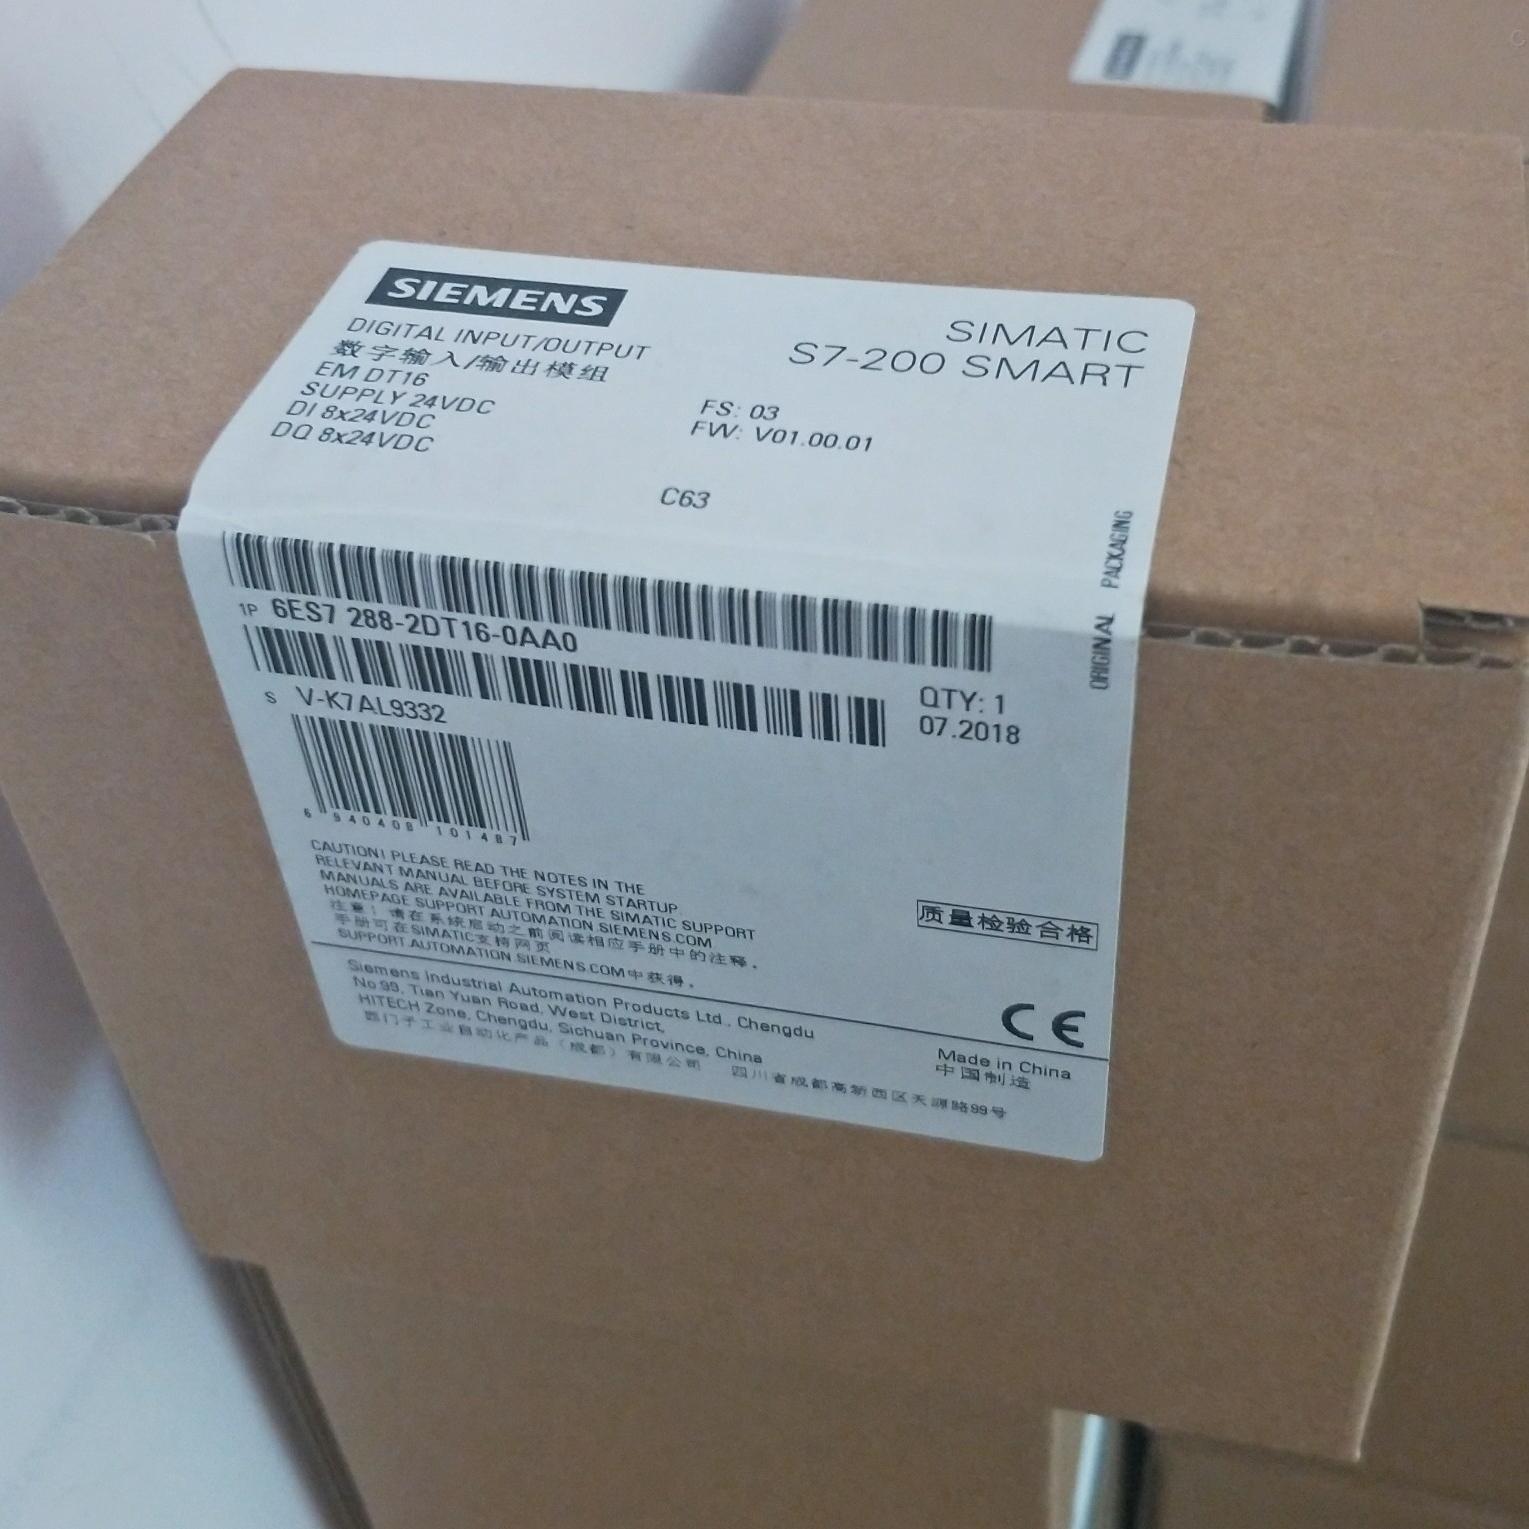 徐州西门子S7-200 SMART模块代理商